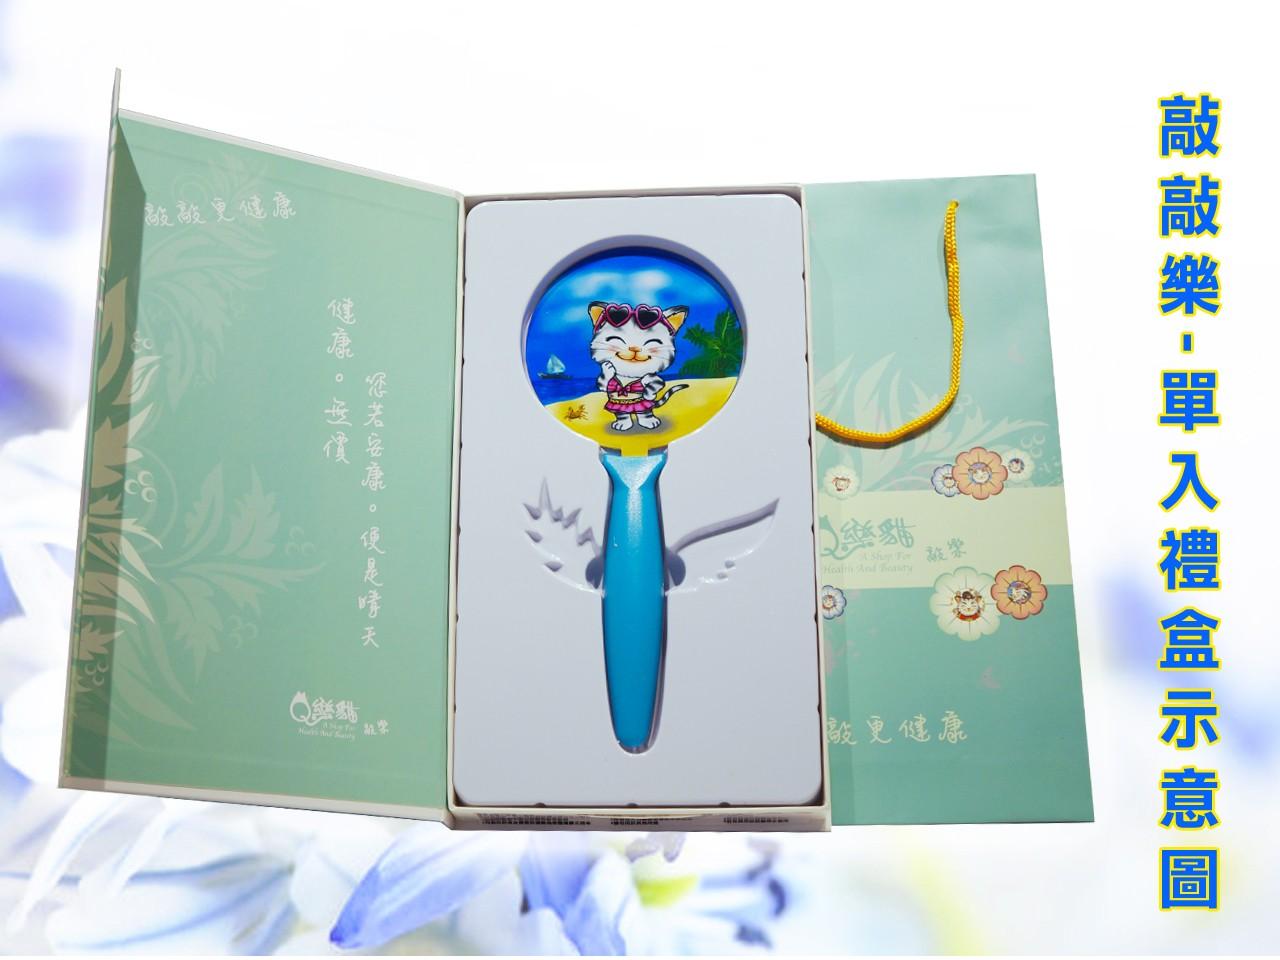 Q樂貓敲樂--(8)夏日風情單盒(含保護套隨機配色)